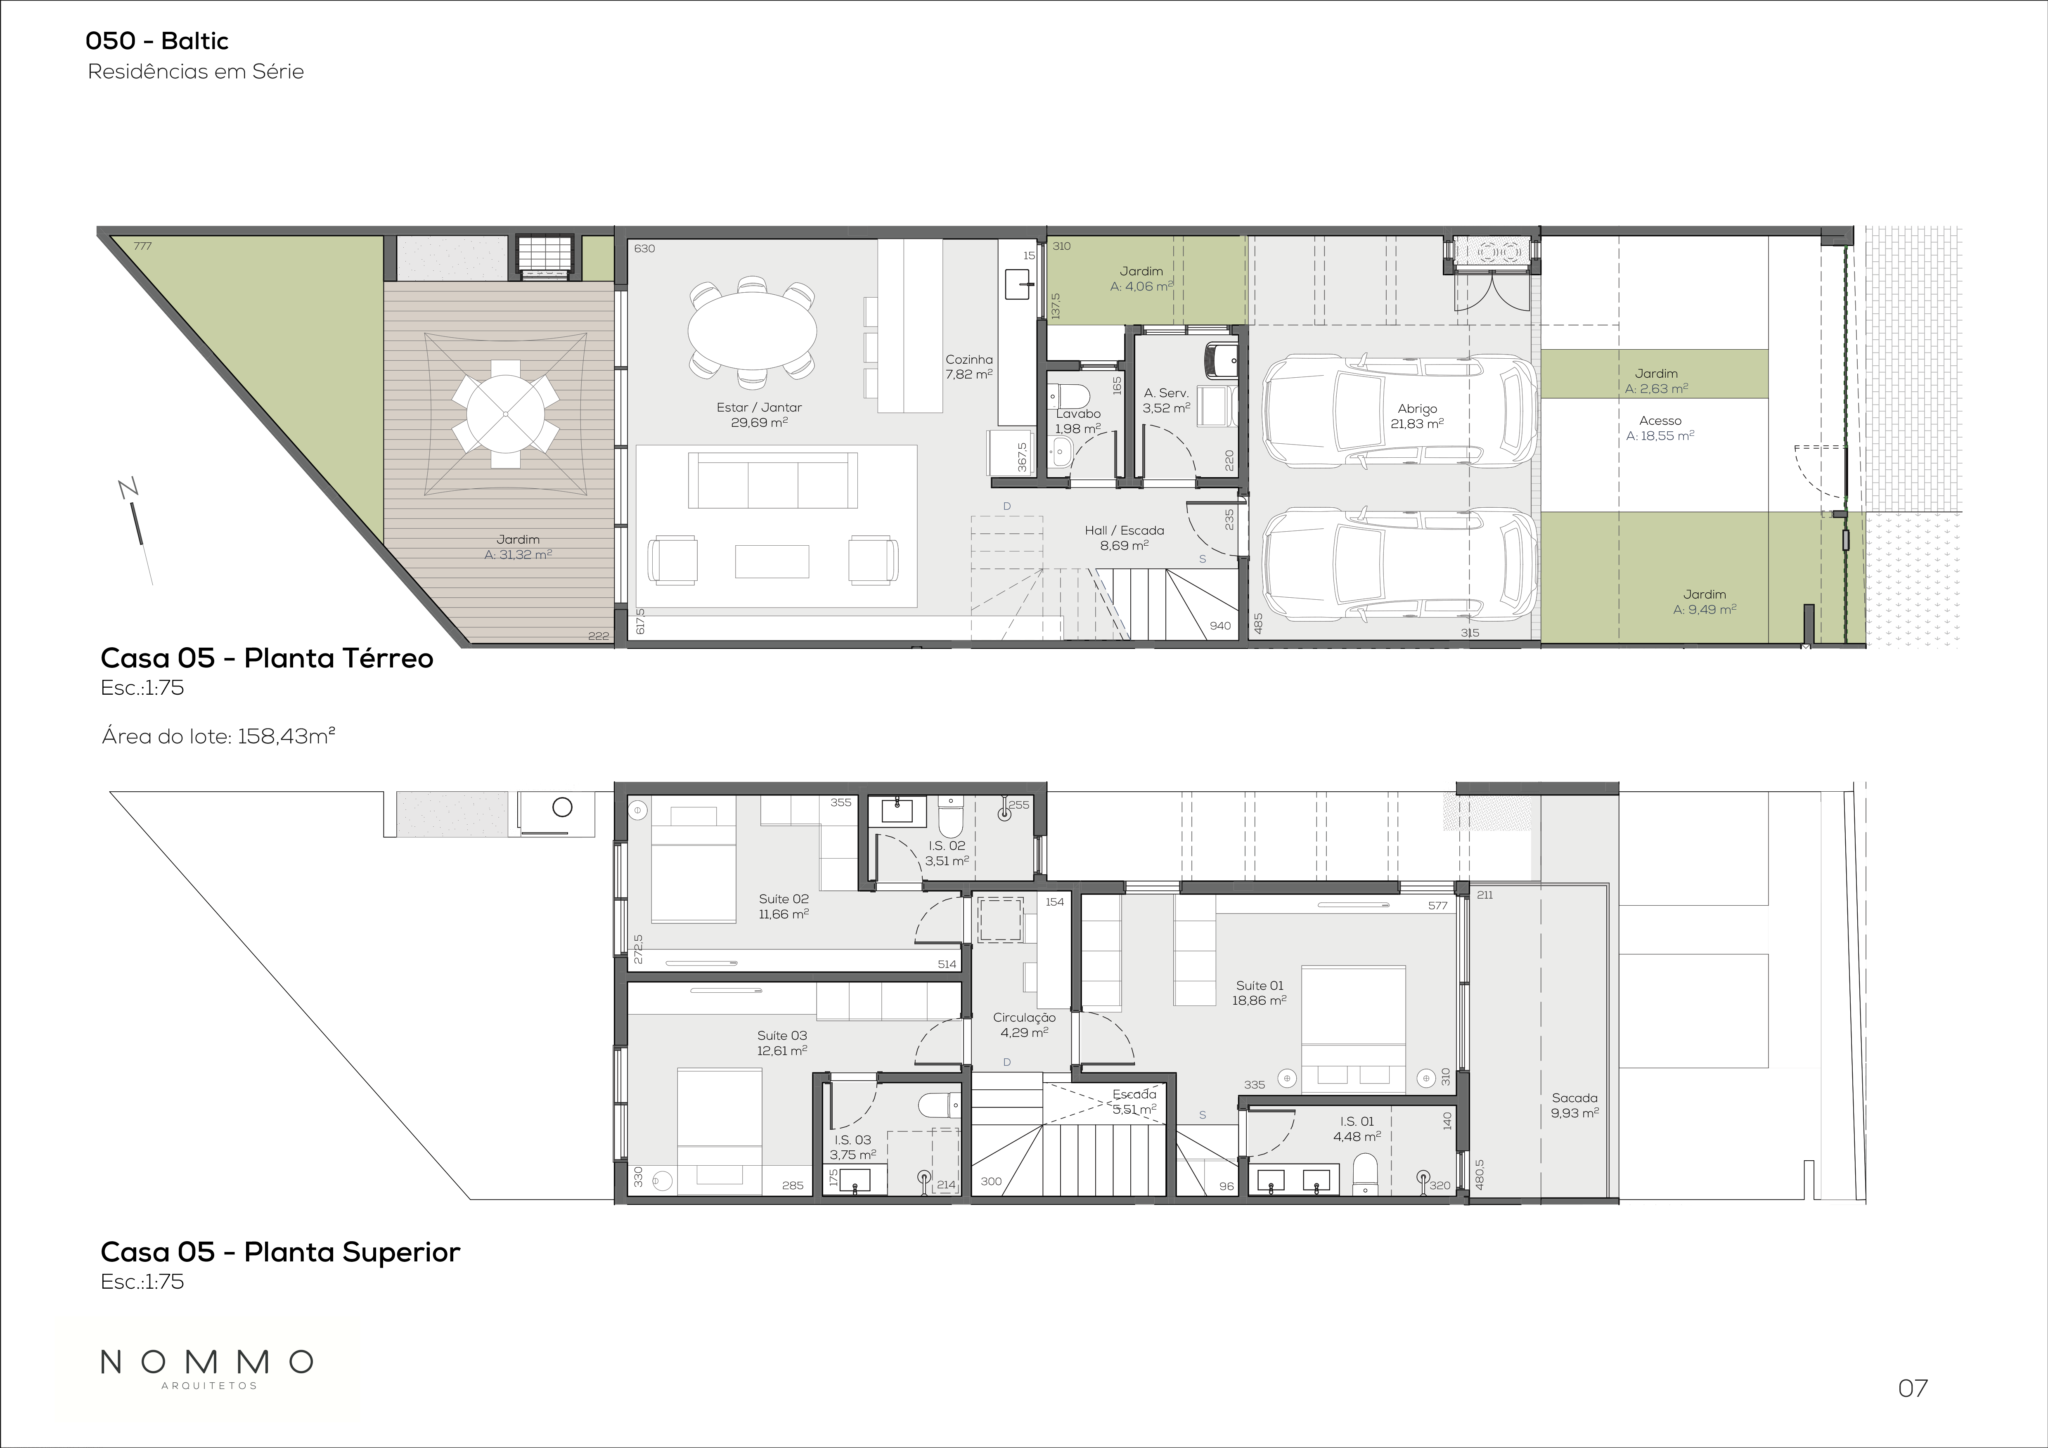 Planta - Casa 05